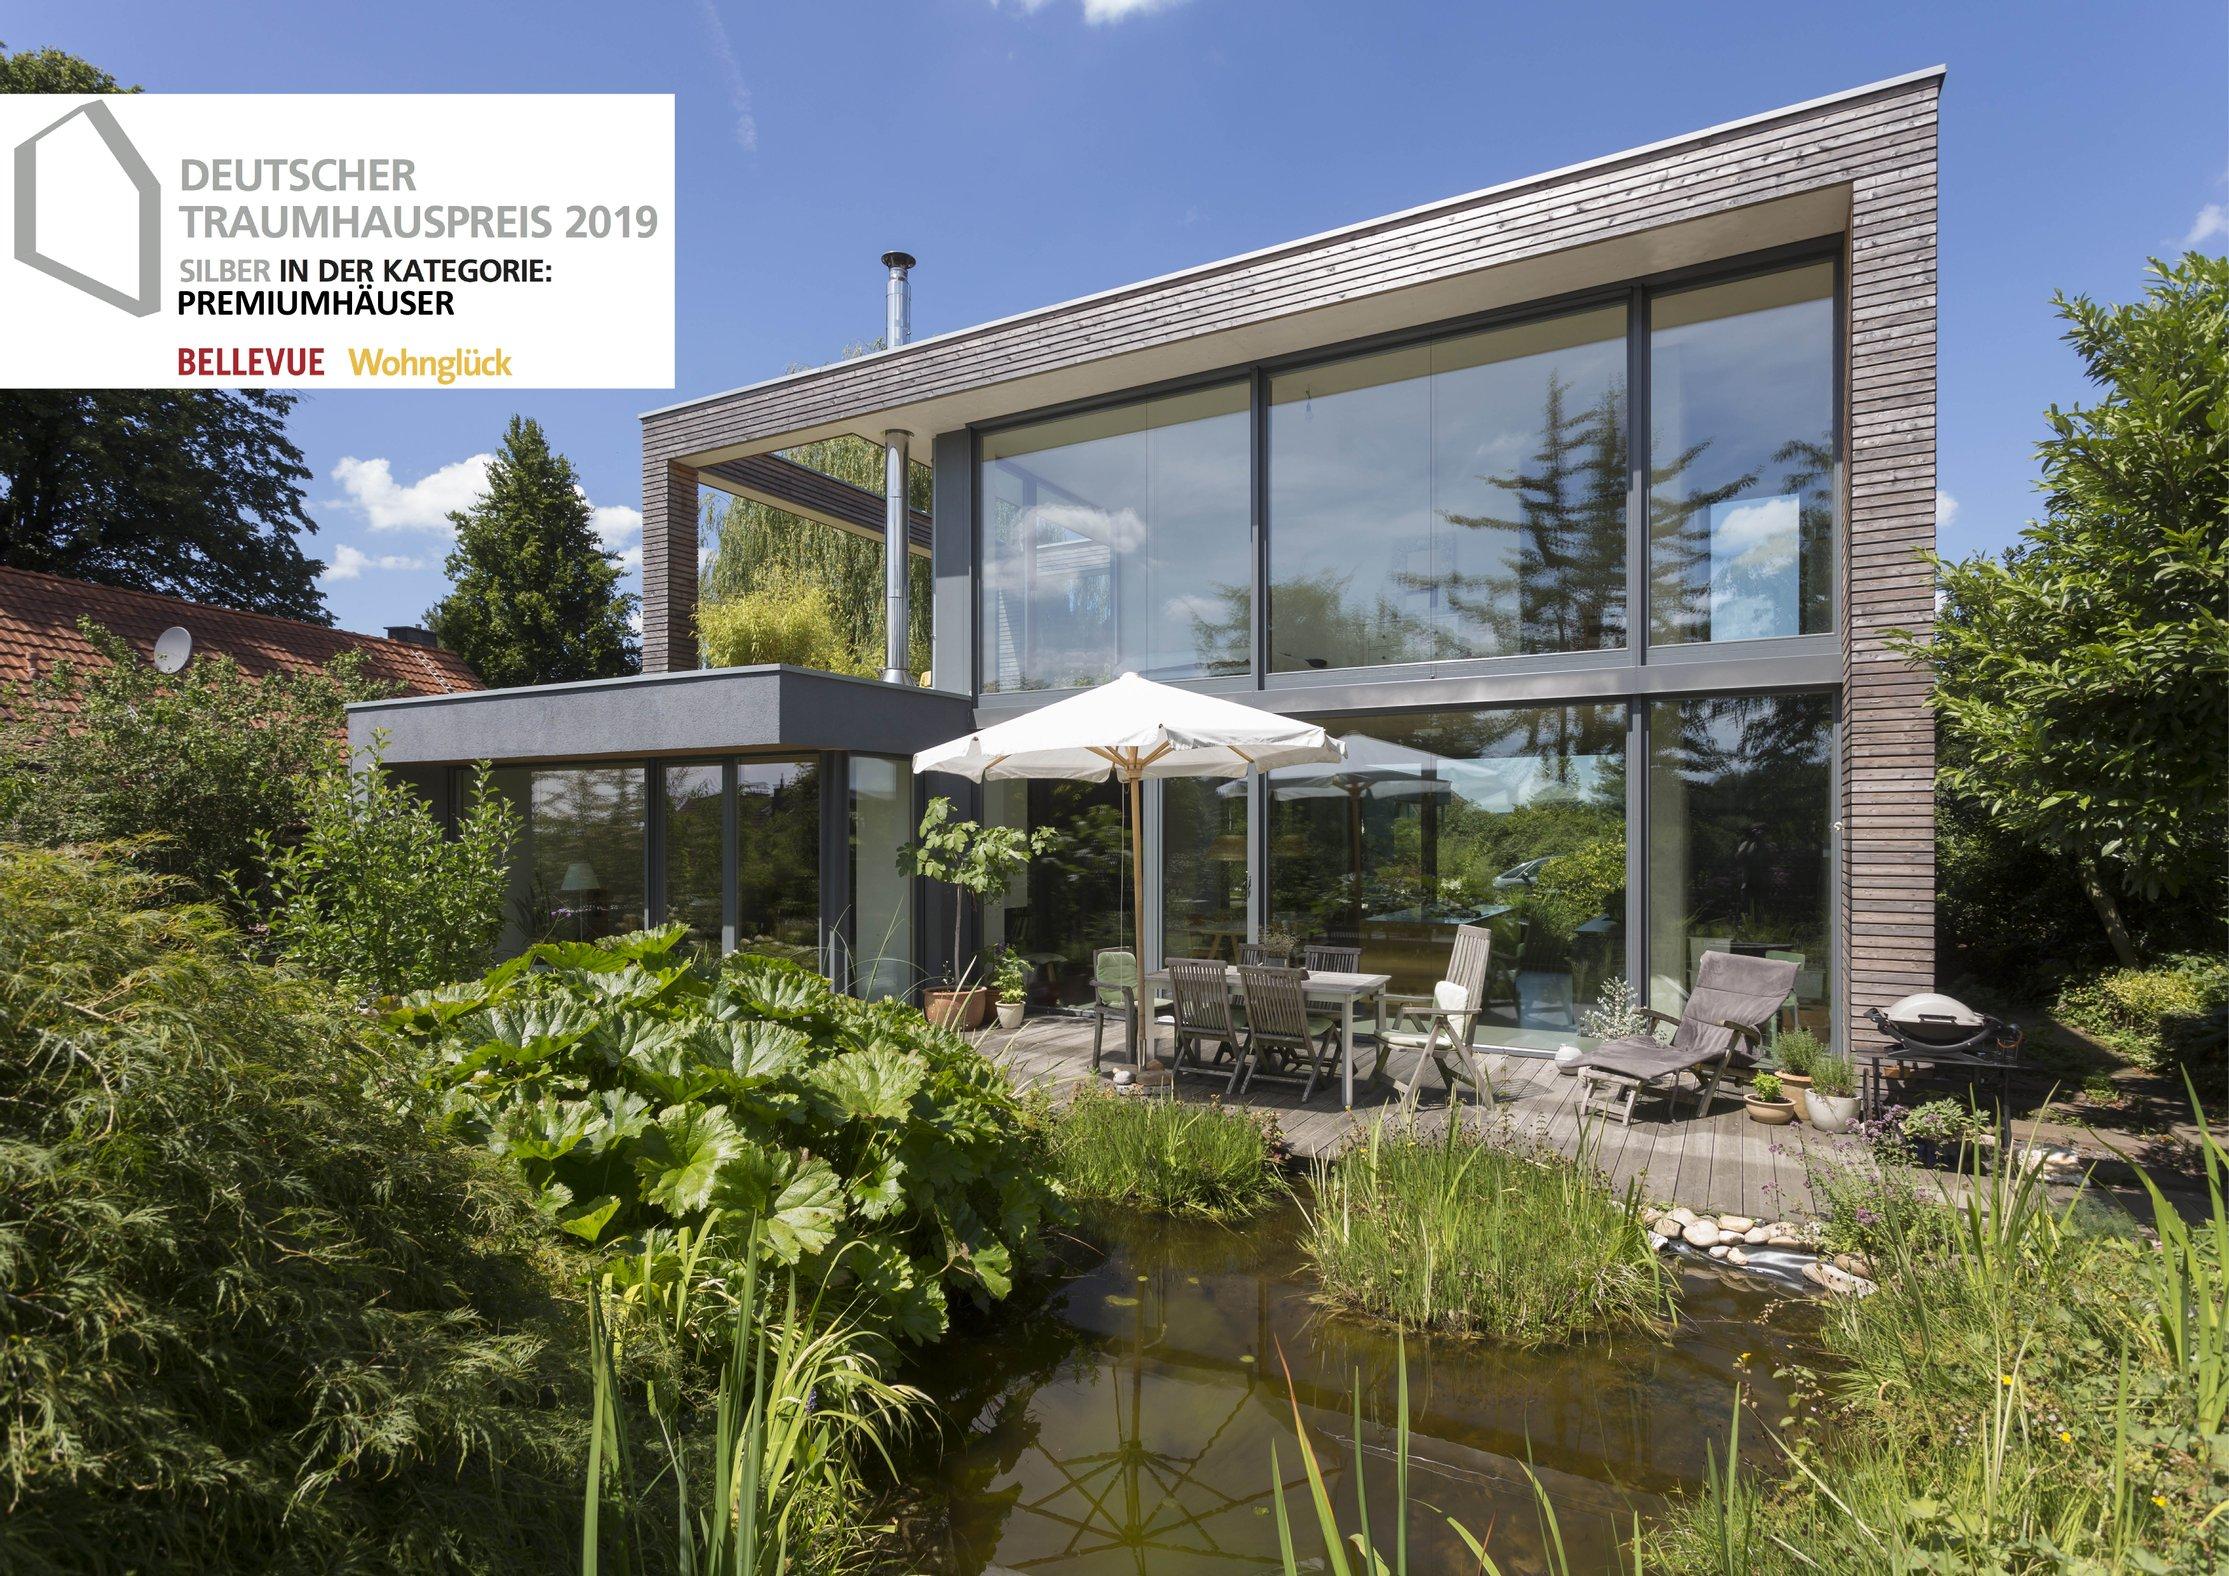 Haus Peters Traumhauspreis 2019